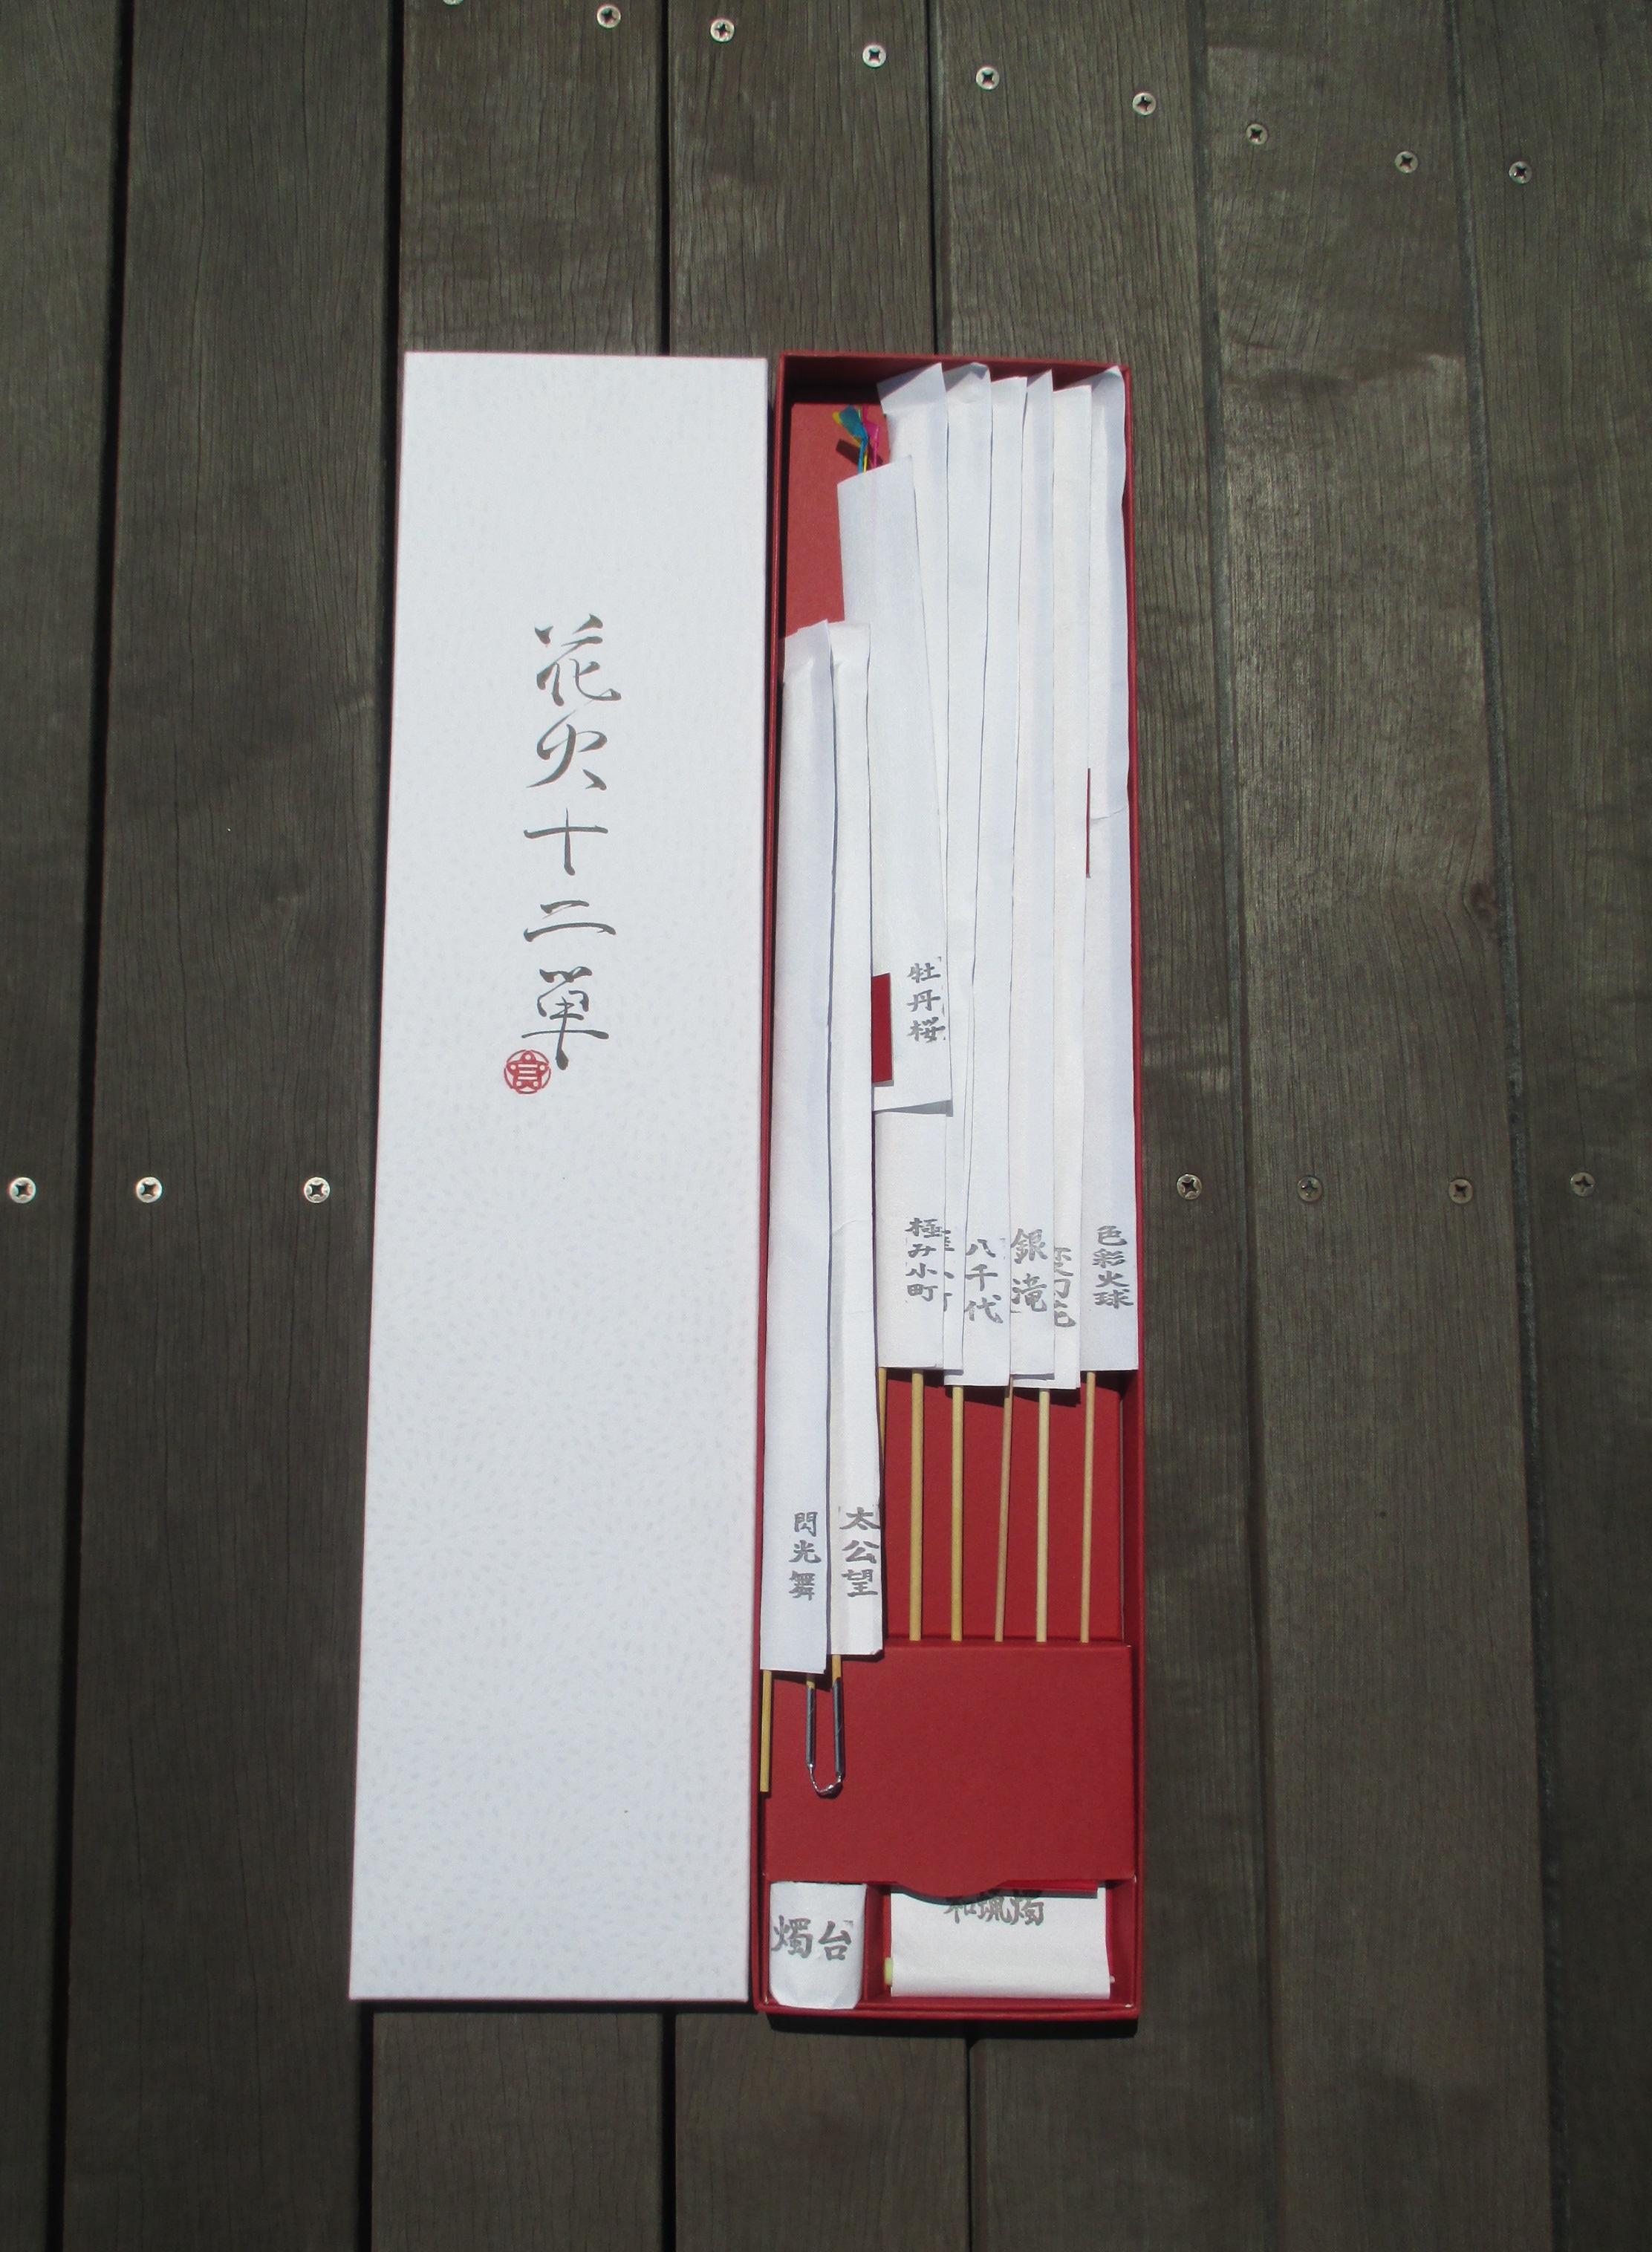 花火1本から選んで買える楽しさ!岡崎市「佐野花火店」で国産花火を満喫 - IMG 9746